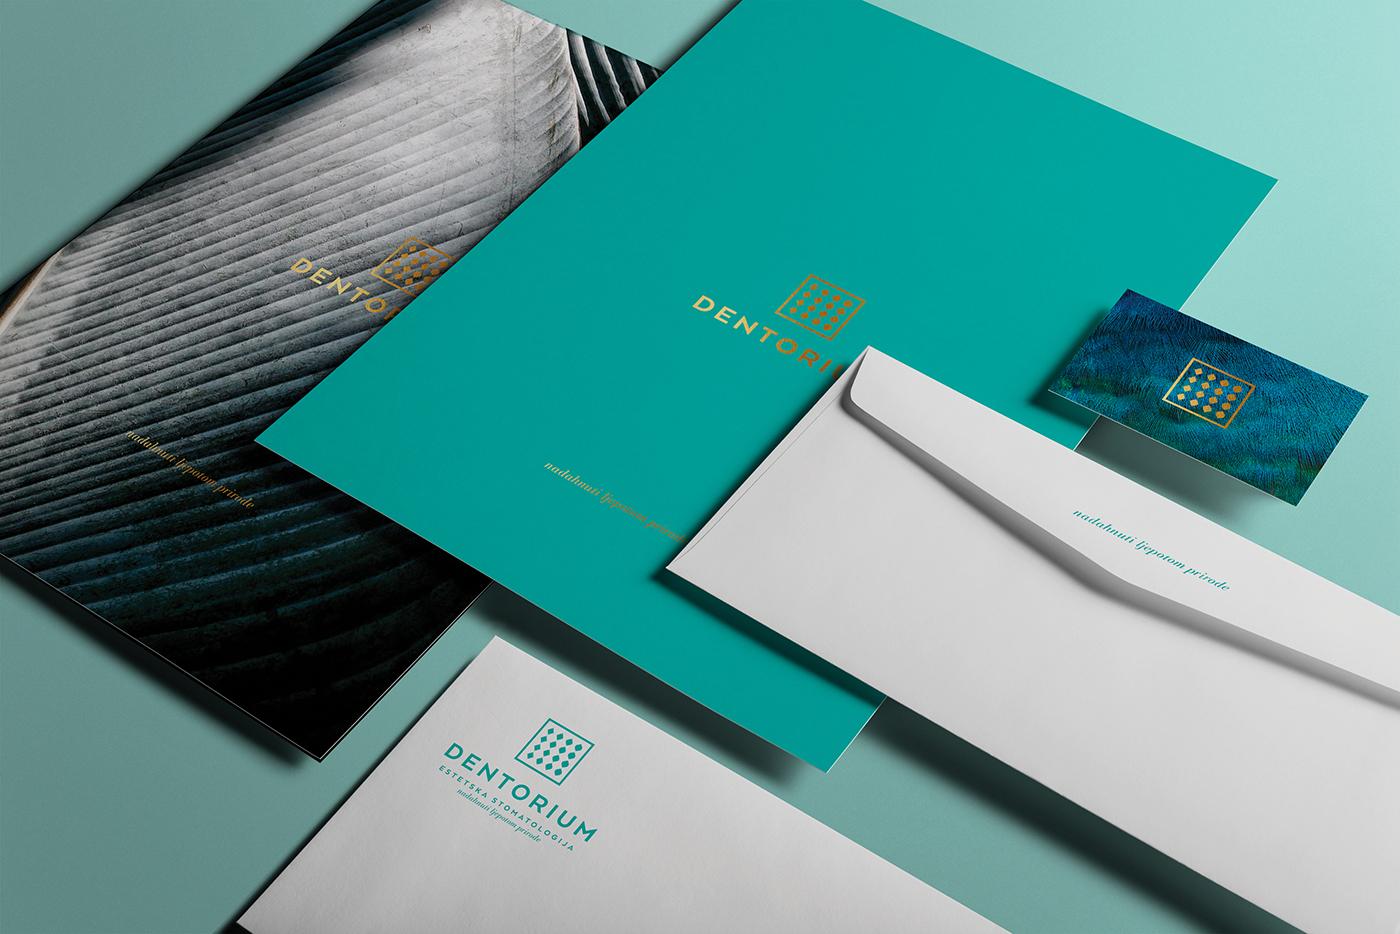 Zambelli Brand Design - Services